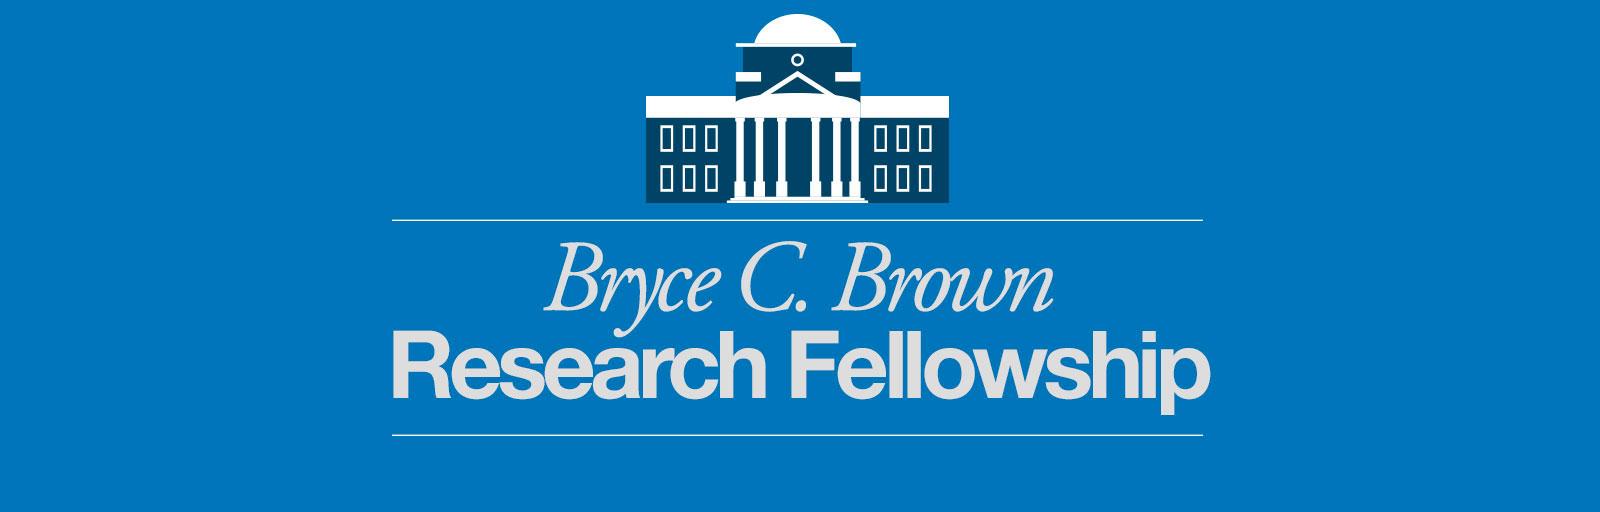 brycebrownfellowshipweb